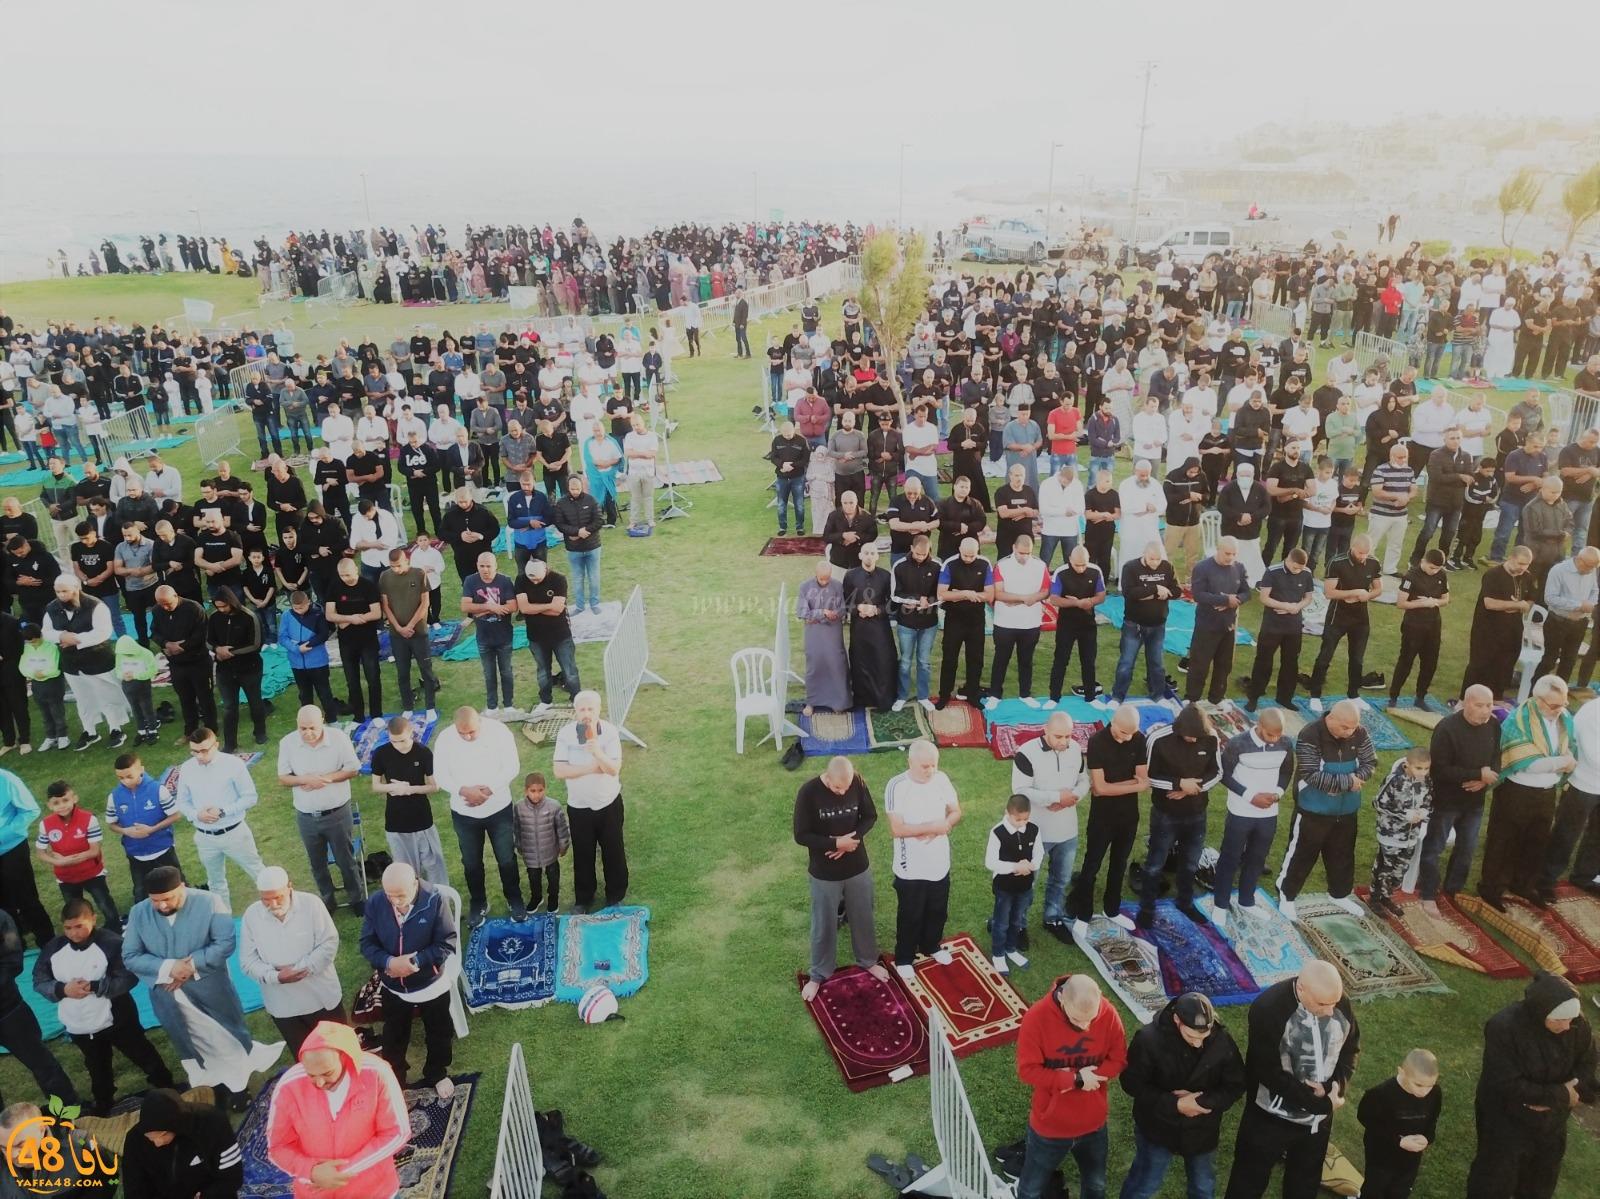 فيديو:  أهالي يافا يؤدون صلاة عيد الفطر السعيد في العراء